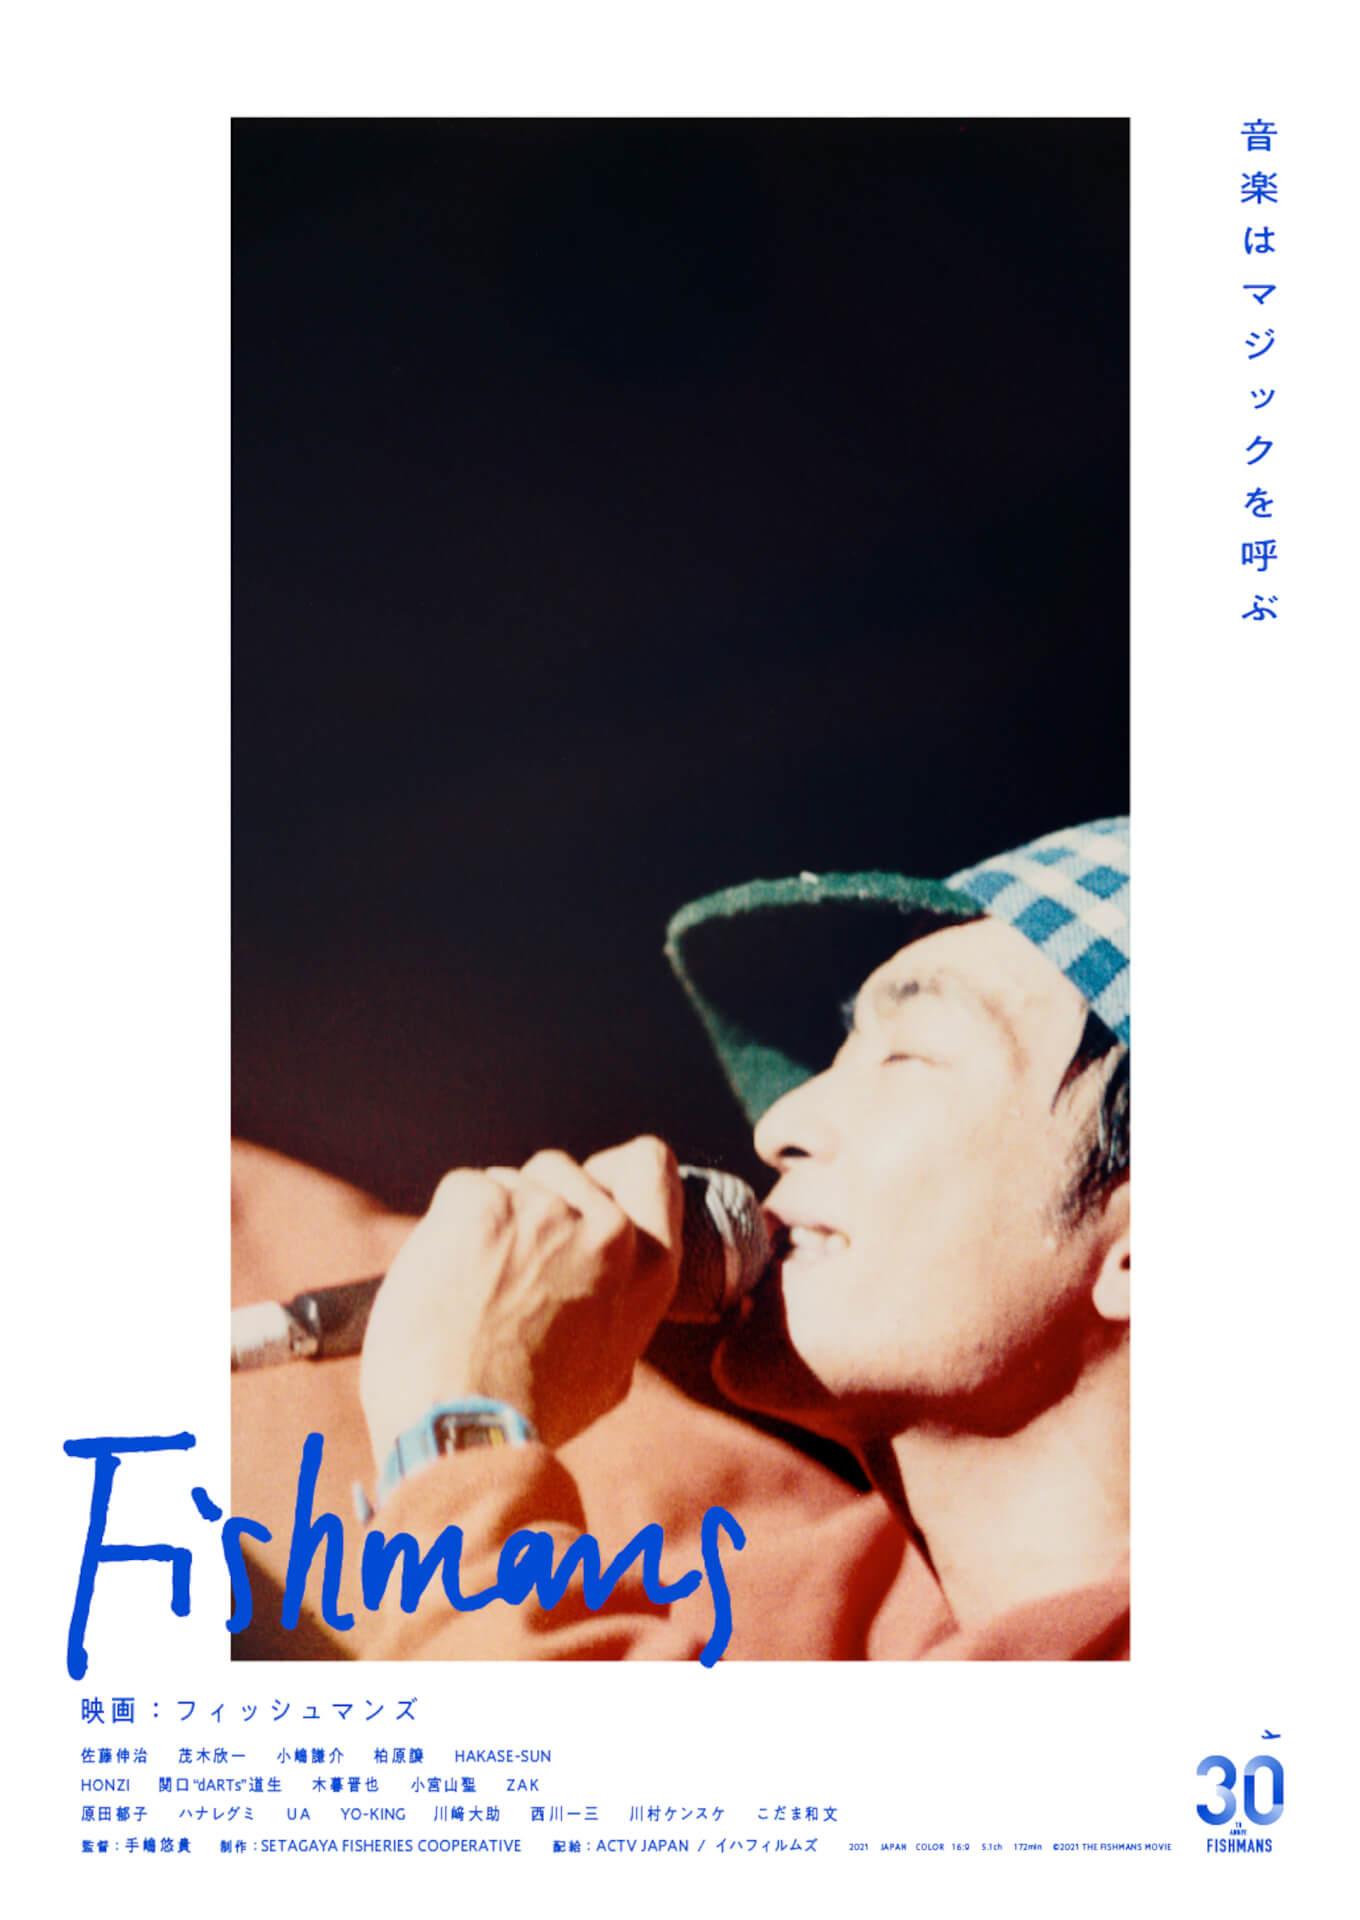 佐藤伸治との出会いをメンバーが語る!『映画:フィッシュマンズ』の新予告が解禁&ムビチケカードも販売スタート film210609_fishmans_1